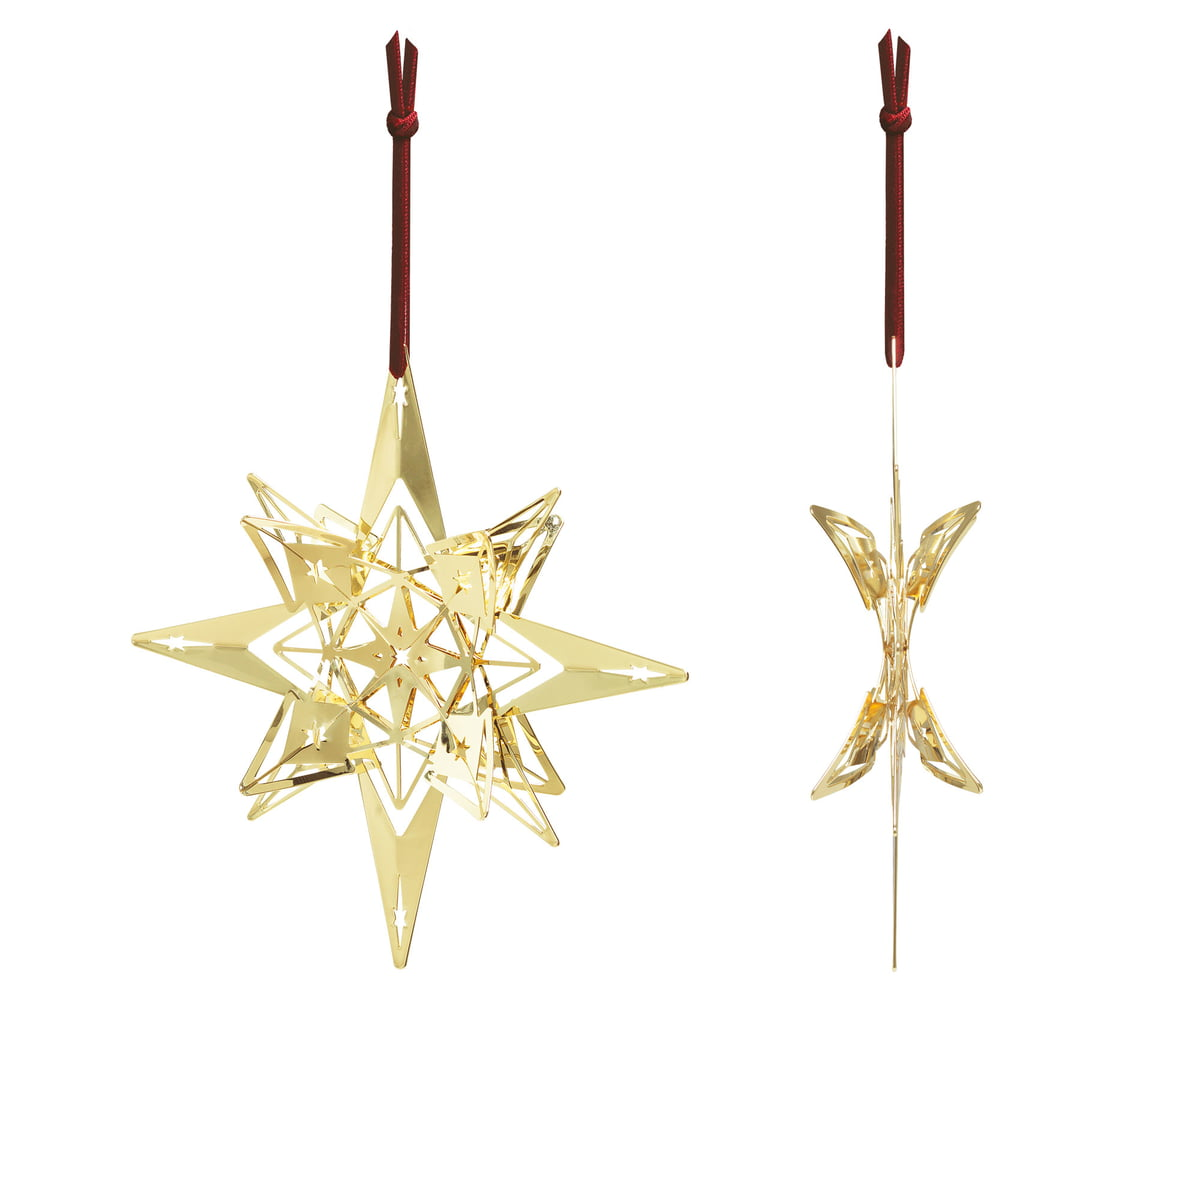 weihnachtsschmuck stern von rosendahl kaufen. Black Bedroom Furniture Sets. Home Design Ideas